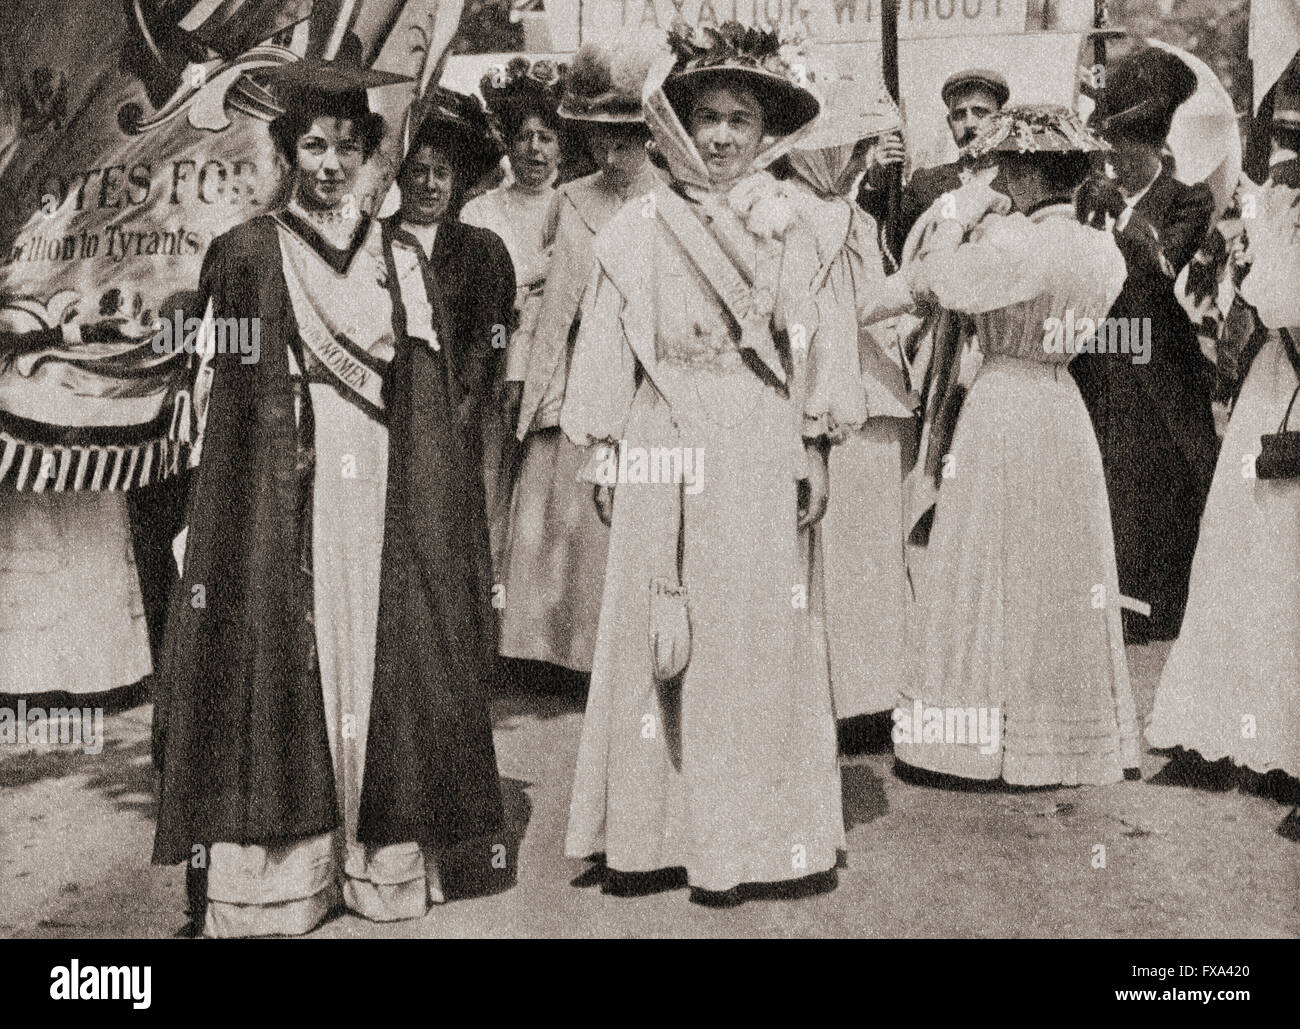 Lady Emmeline Pethick-Lawrence, 1867 - 1954, à gauche. La militante des droits de la femme. Emmeline Pankhurst , née Goulden, 1858 - 1928, à droite. Activiste politique britannique et leader du mouvement des suffragettes britanniques. Banque D'Images